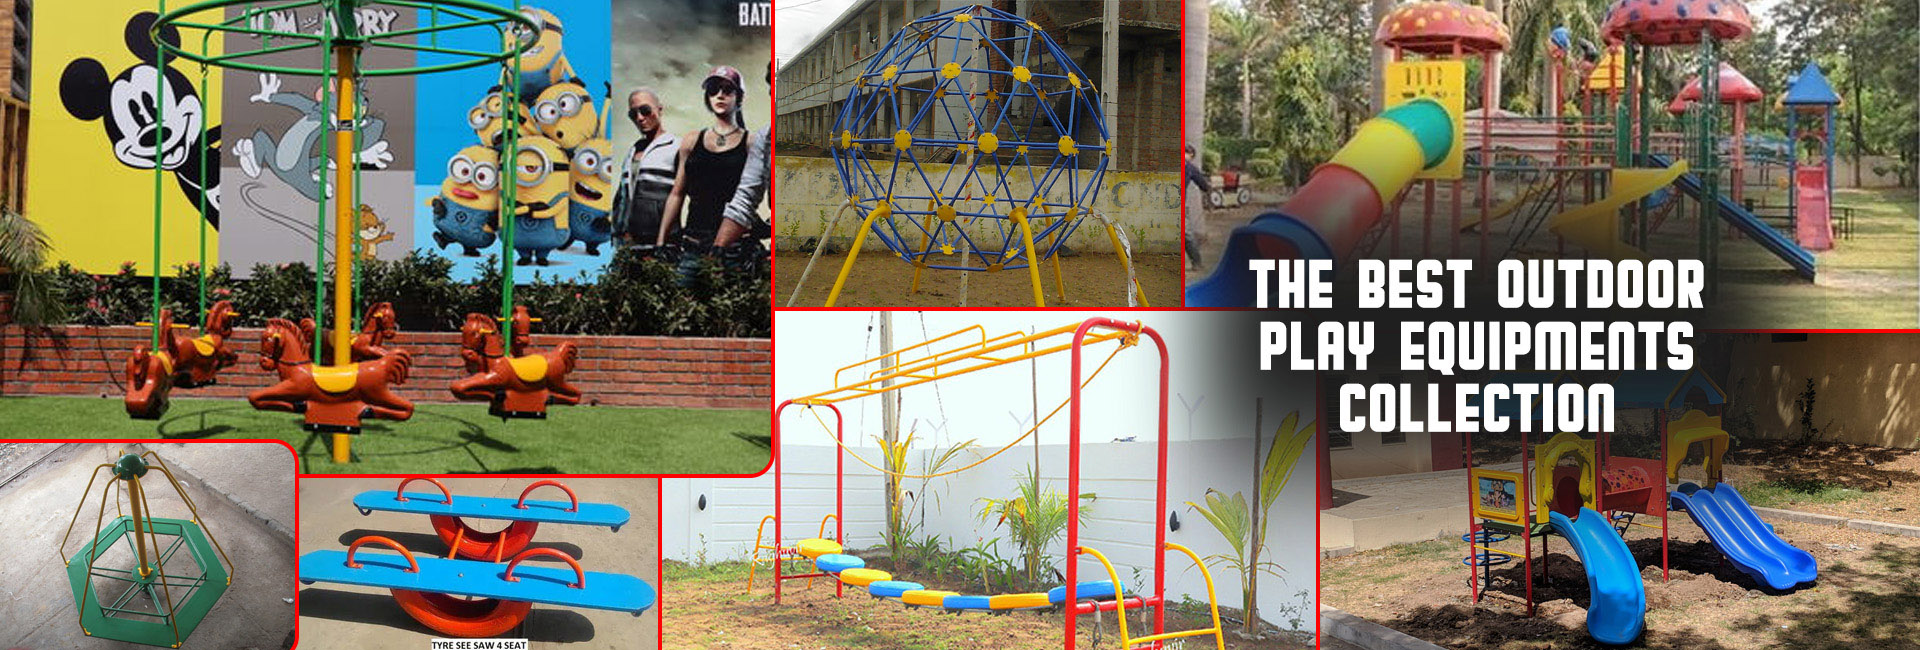 The Best Outdoor Play Equipment Collection Manufacturer in Andhra Pradesh, Arunachal Pradesh, Assam, Bihar, Chhattisgarh, Goa